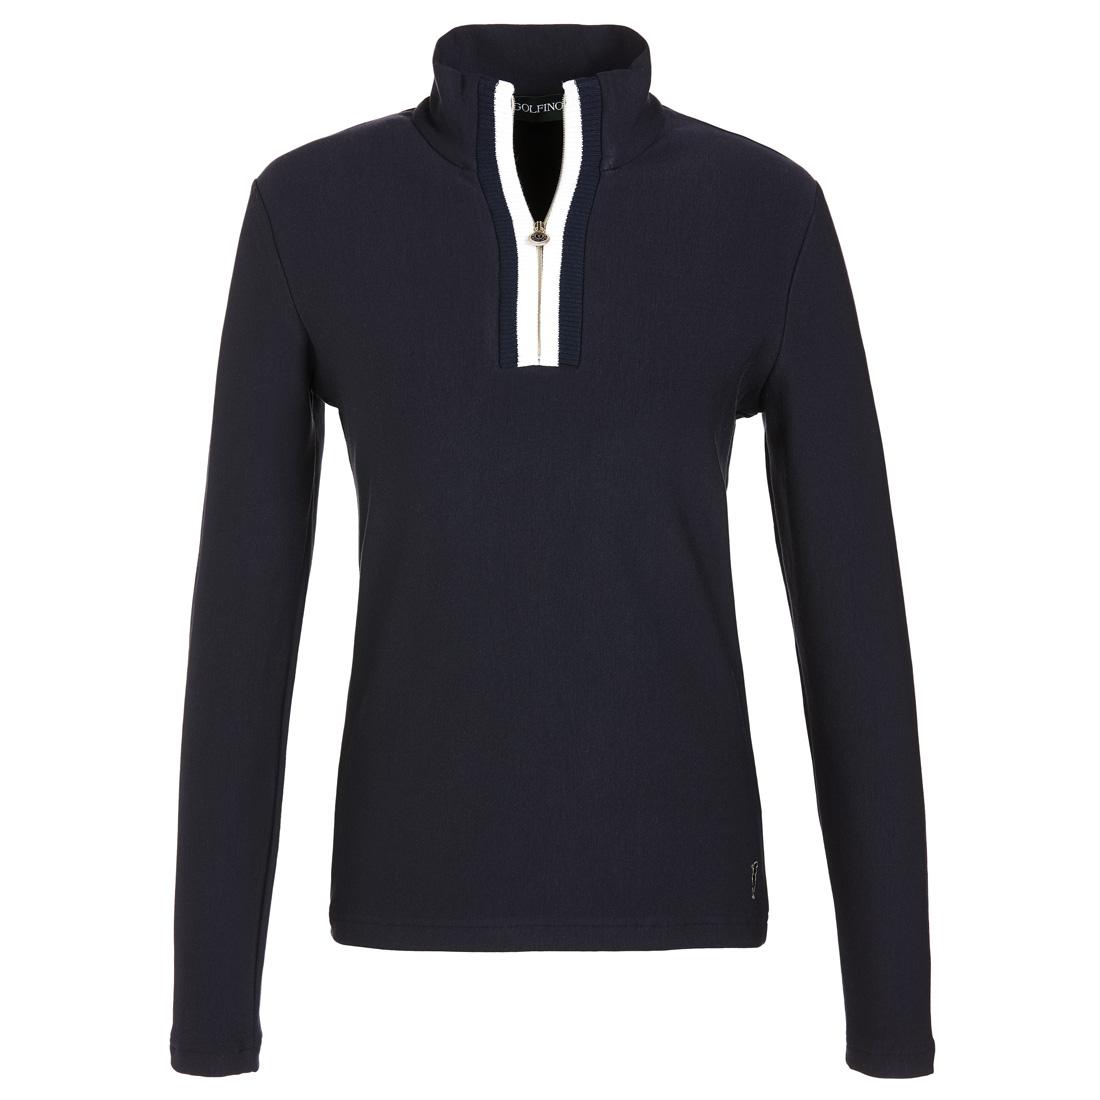 Damen Sweatshirt mit Troyer Kragen und Cold Protektion